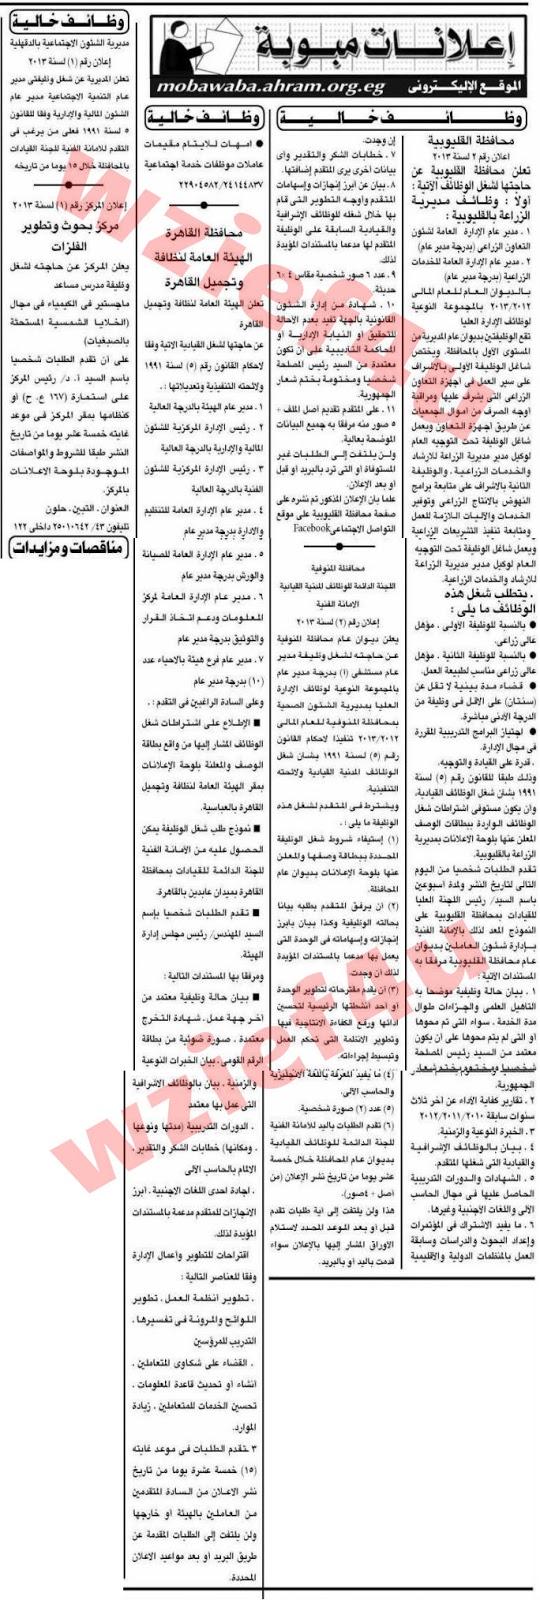 وظائف جريدة الأهرام الأربعاء 20 مارس 2013 -وظائف مصر الاربعاء 20-03-2013